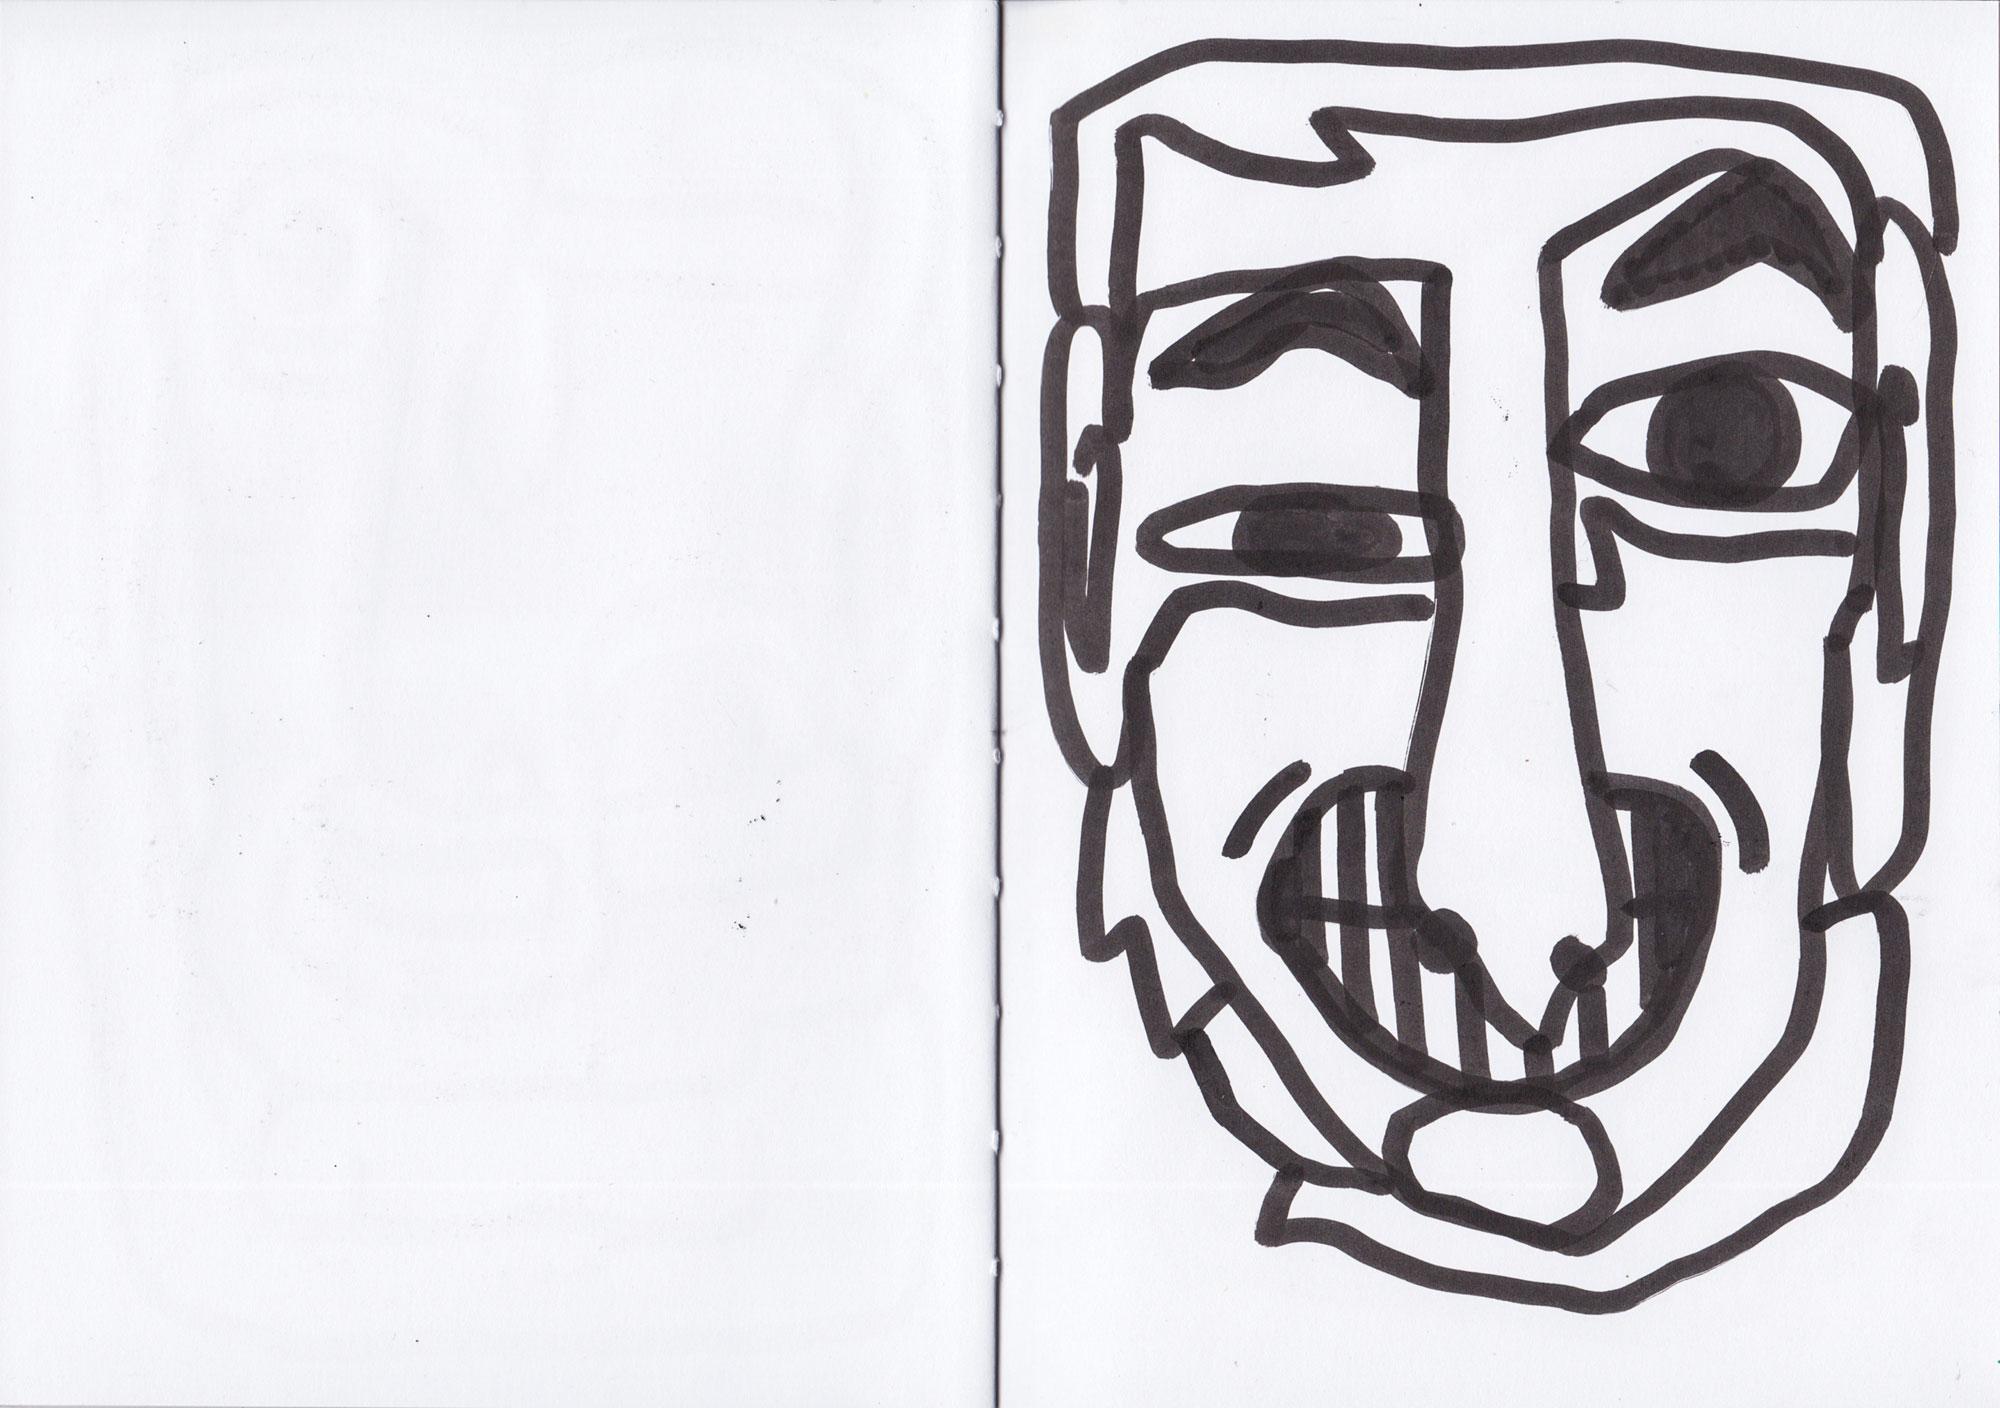 18-Scan-Book-FACES-DA-5